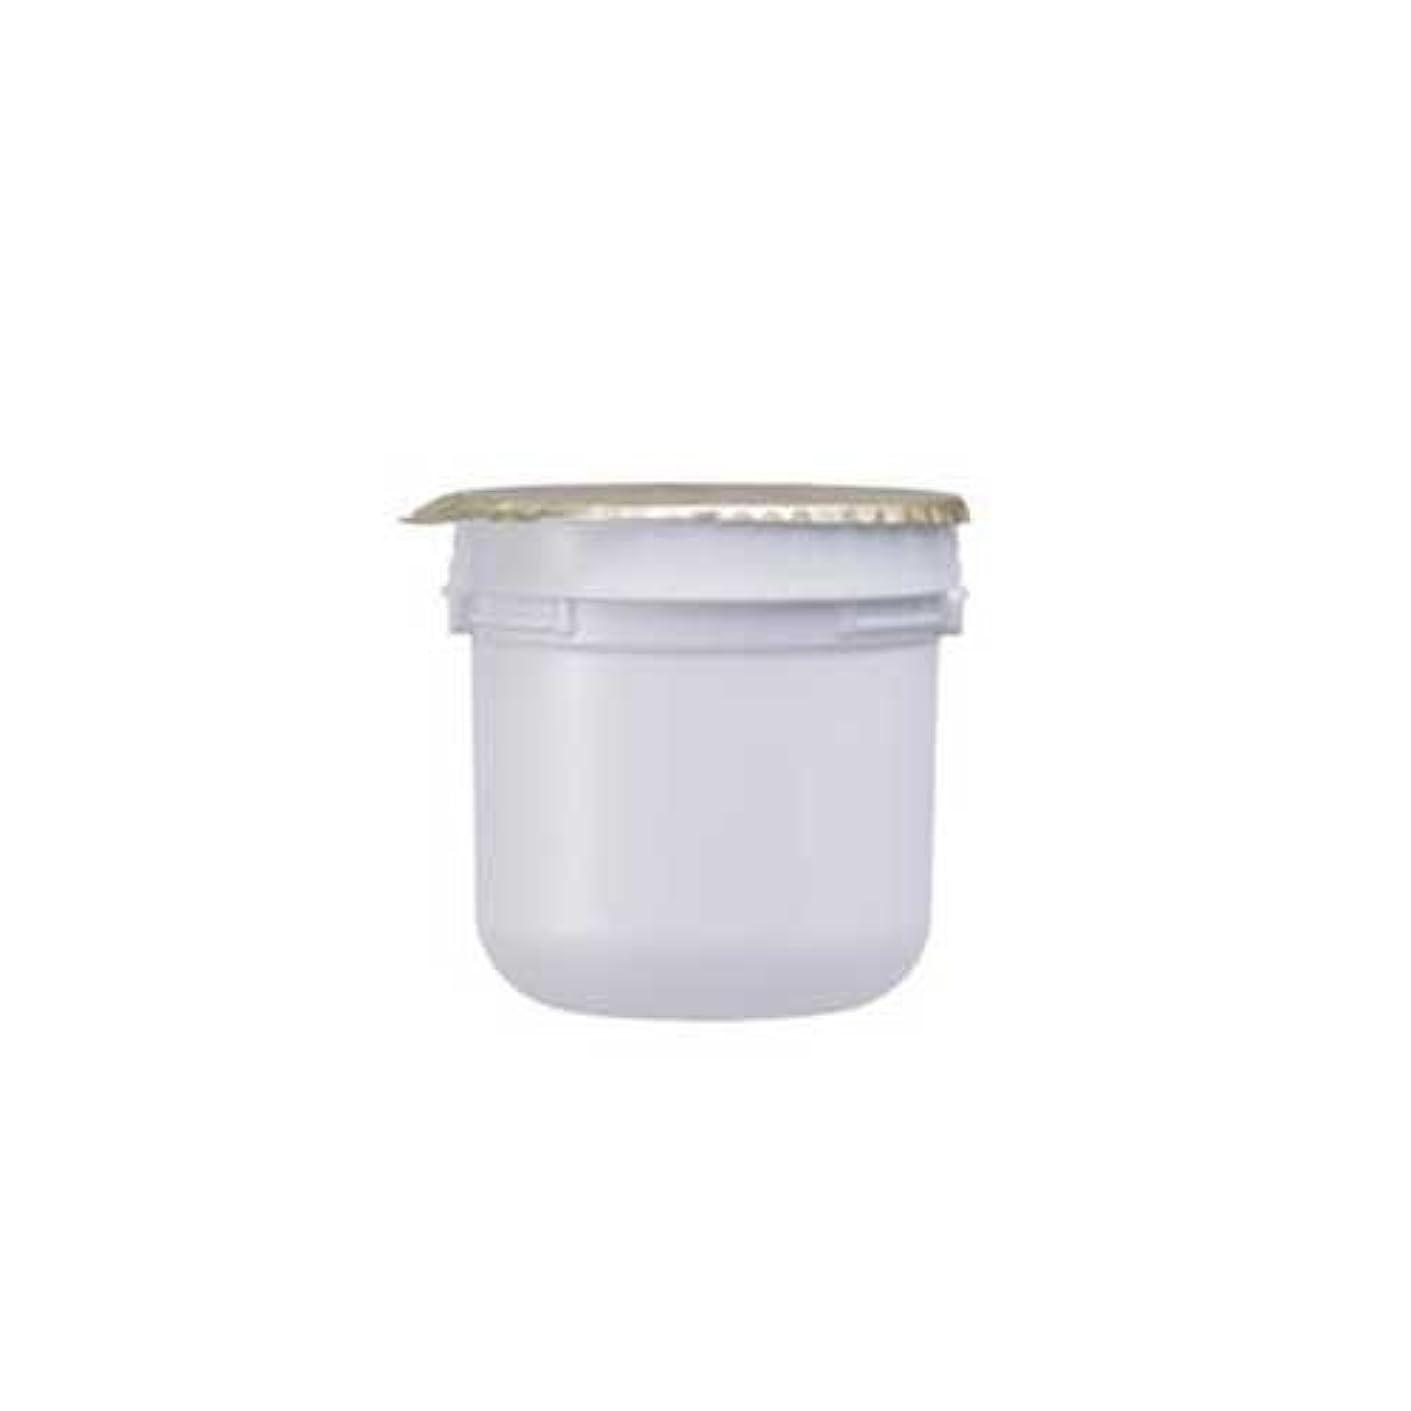 ナサニエル区移行する靴下ASTALIFT(アスタリフト) ホワイト クリーム(美白クリーム)レフィル 30g